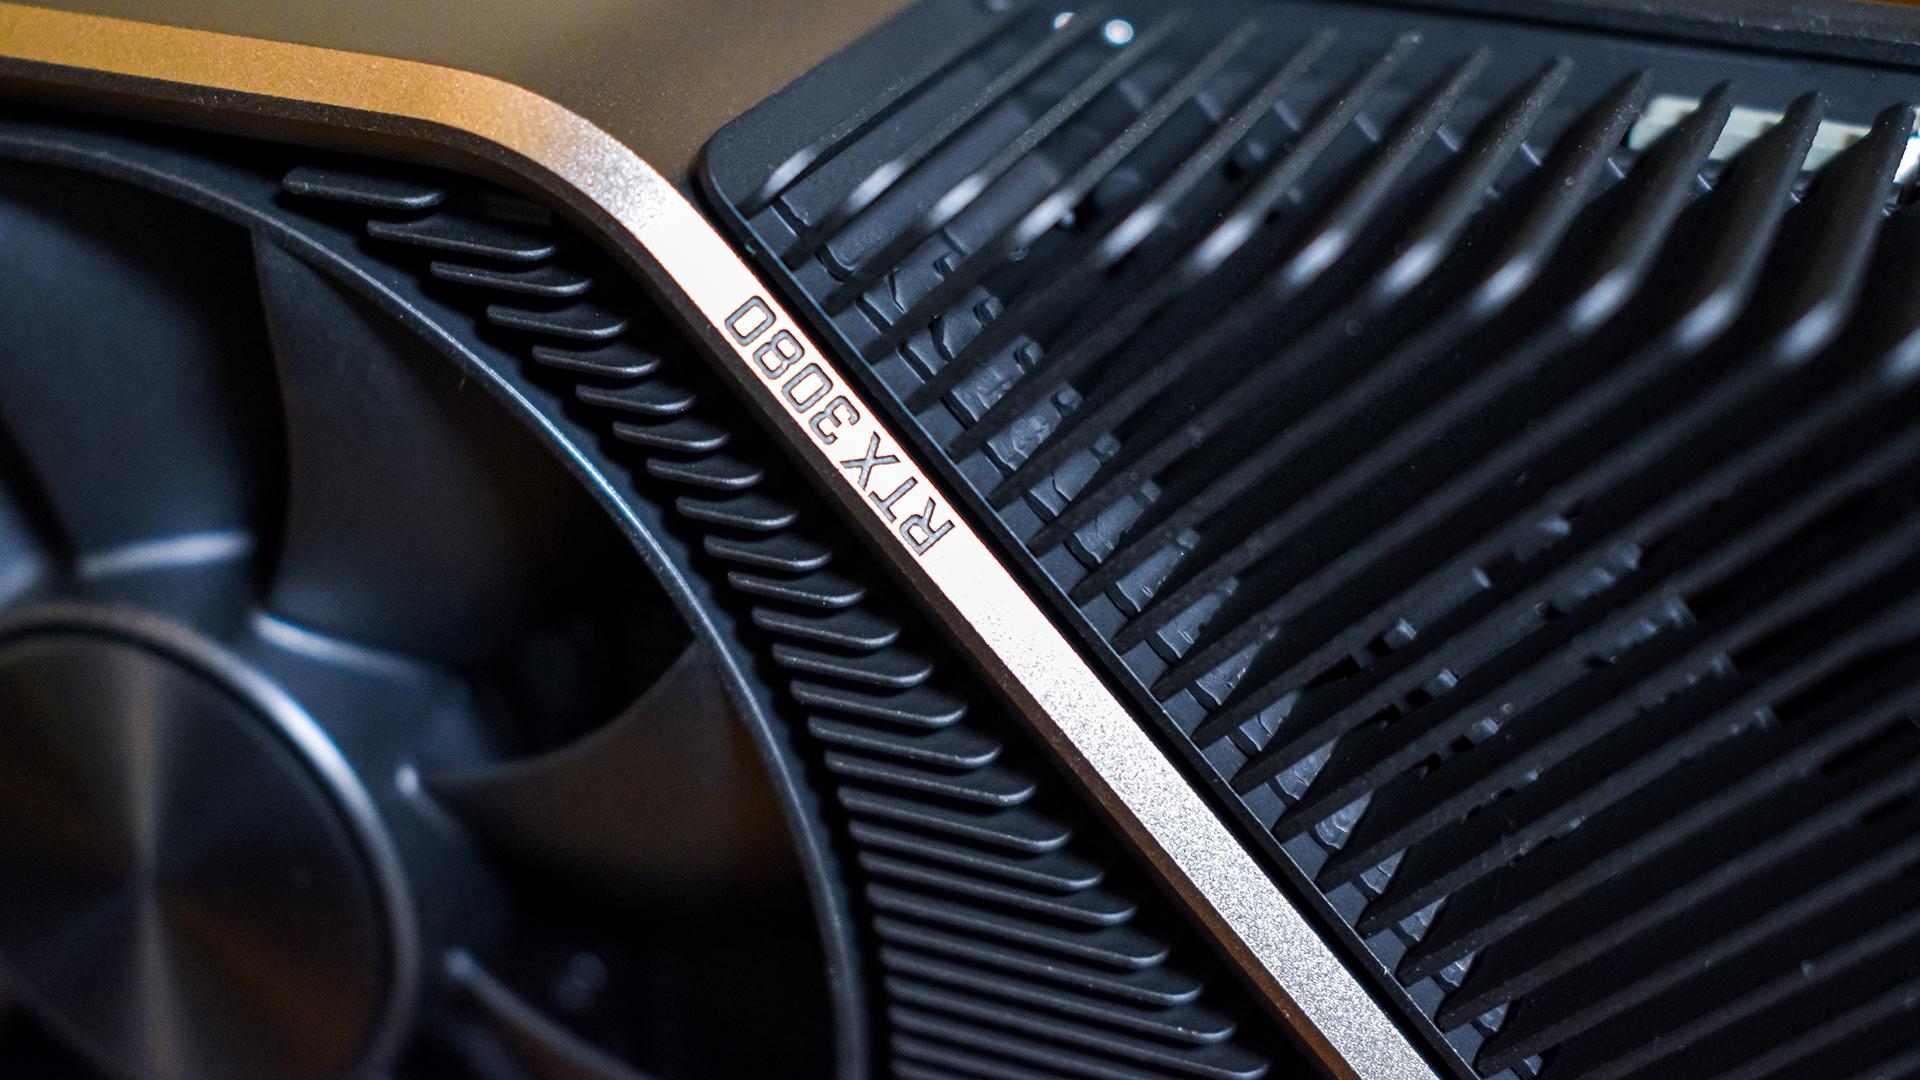 Nvidia GeForce RTX 3080 at close-up